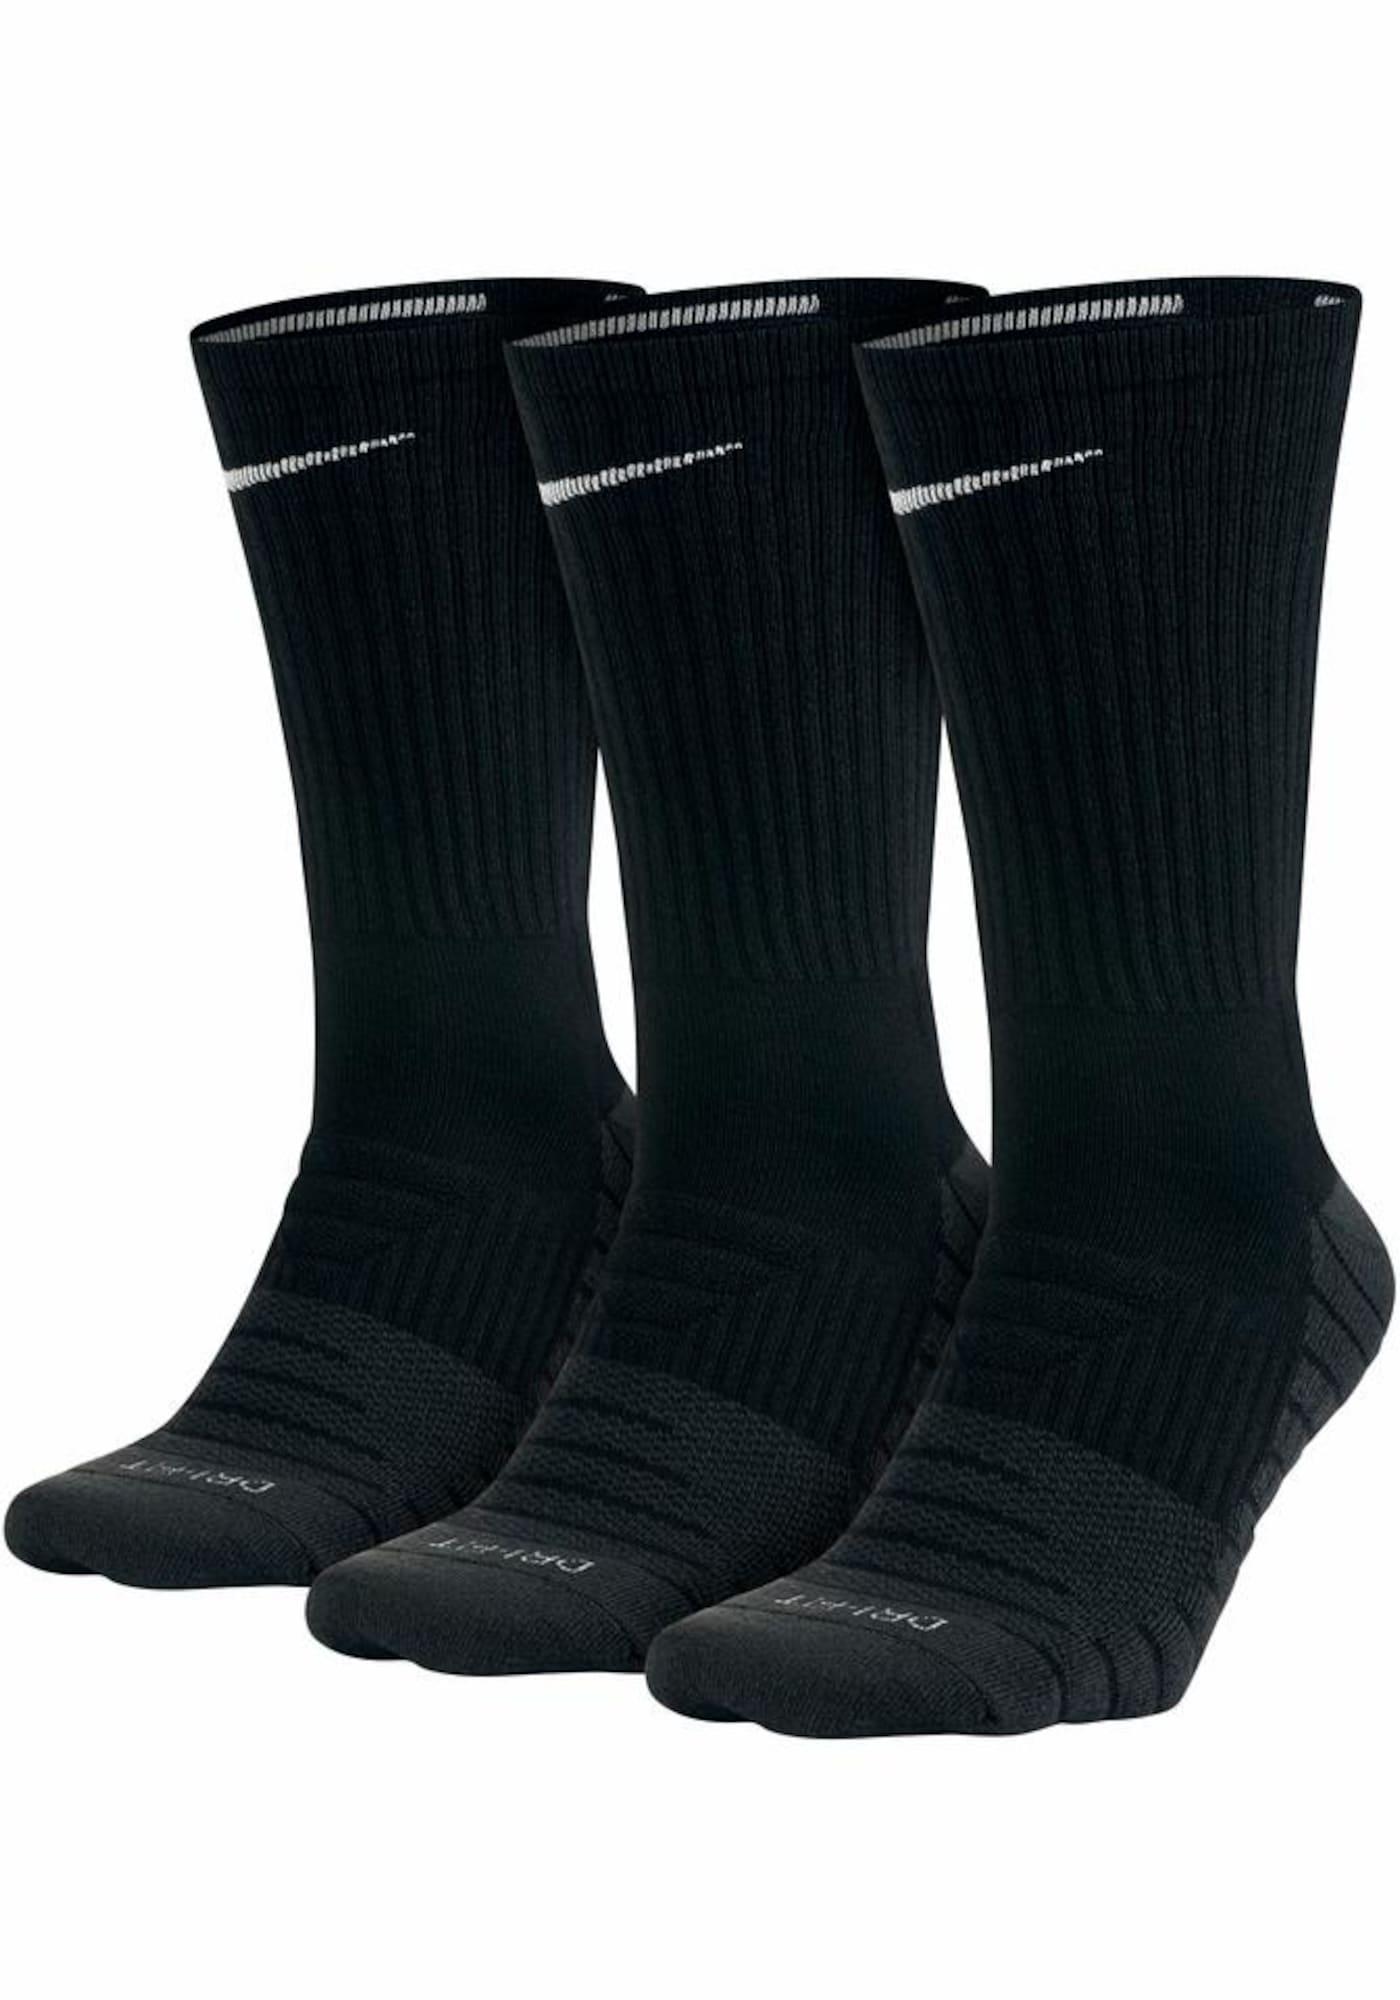 NIKE Sportinės kojinės juoda